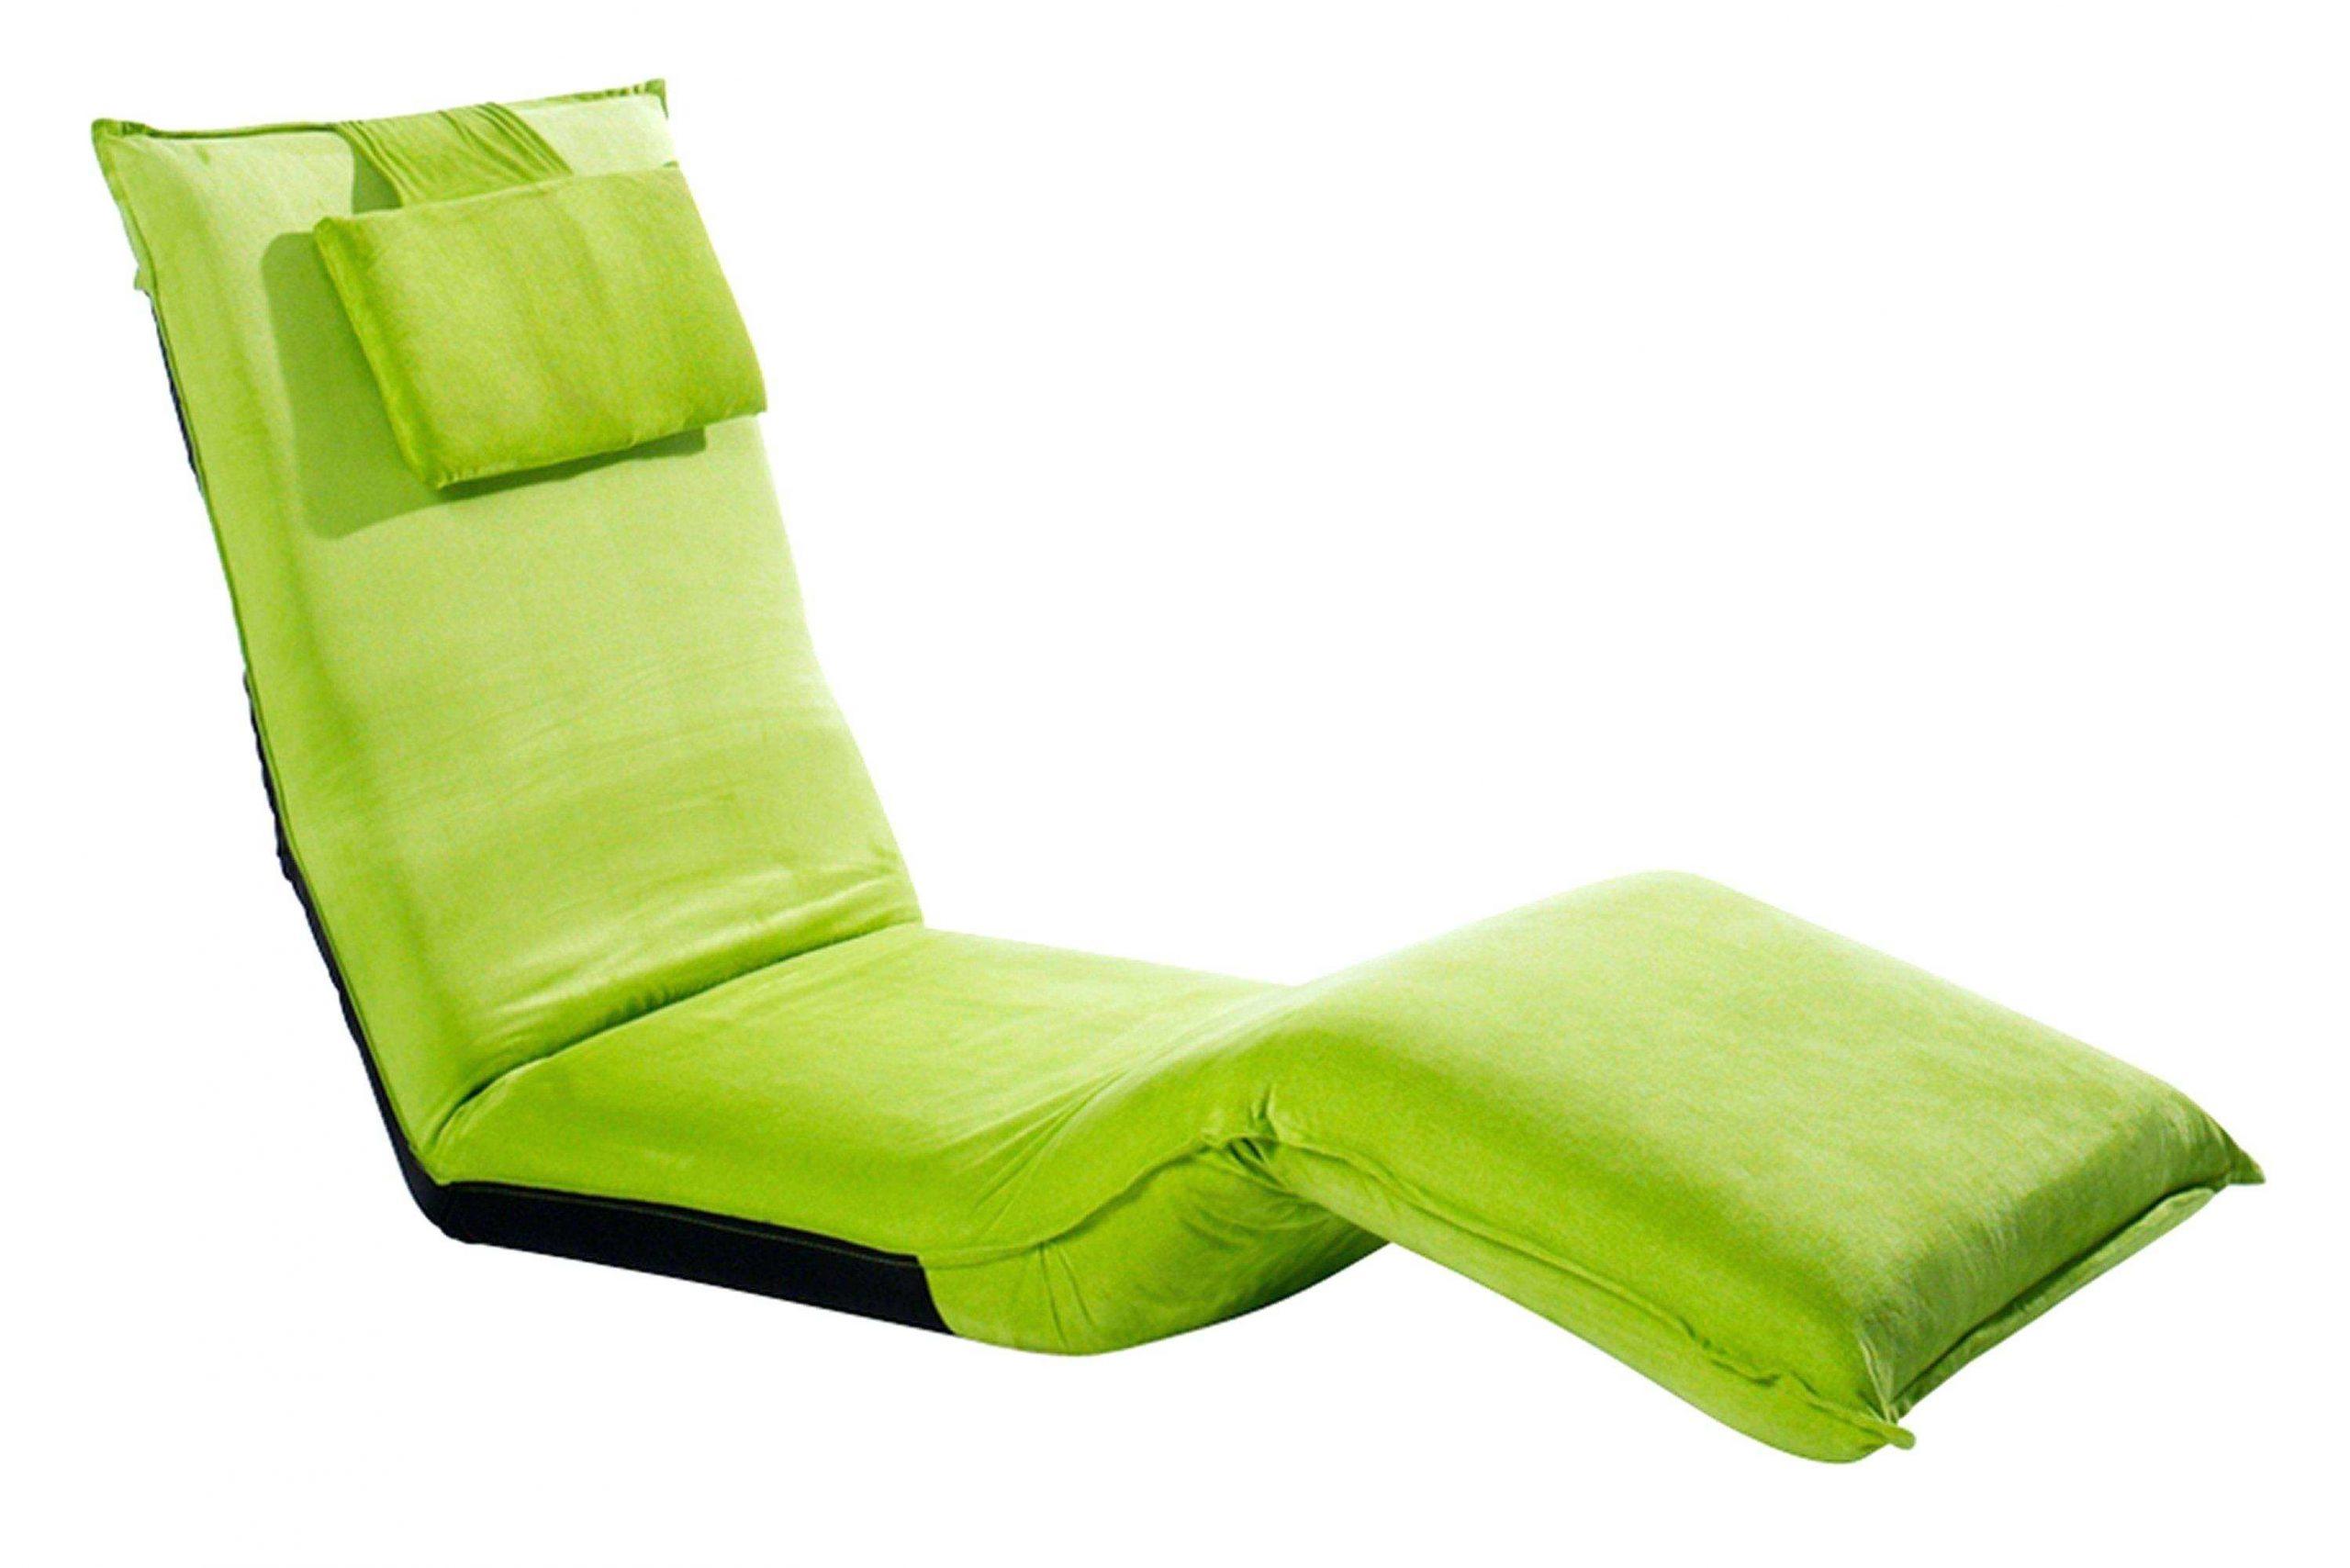 Full Size of Sonnenliege Ikea Relaxliege Wohnzimmer Verstellbar Luxus Liege Miniküche Betten 160x200 Küche Kosten Modulküche Kaufen Bei Sofa Mit Schlaffunktion Wohnzimmer Sonnenliege Ikea